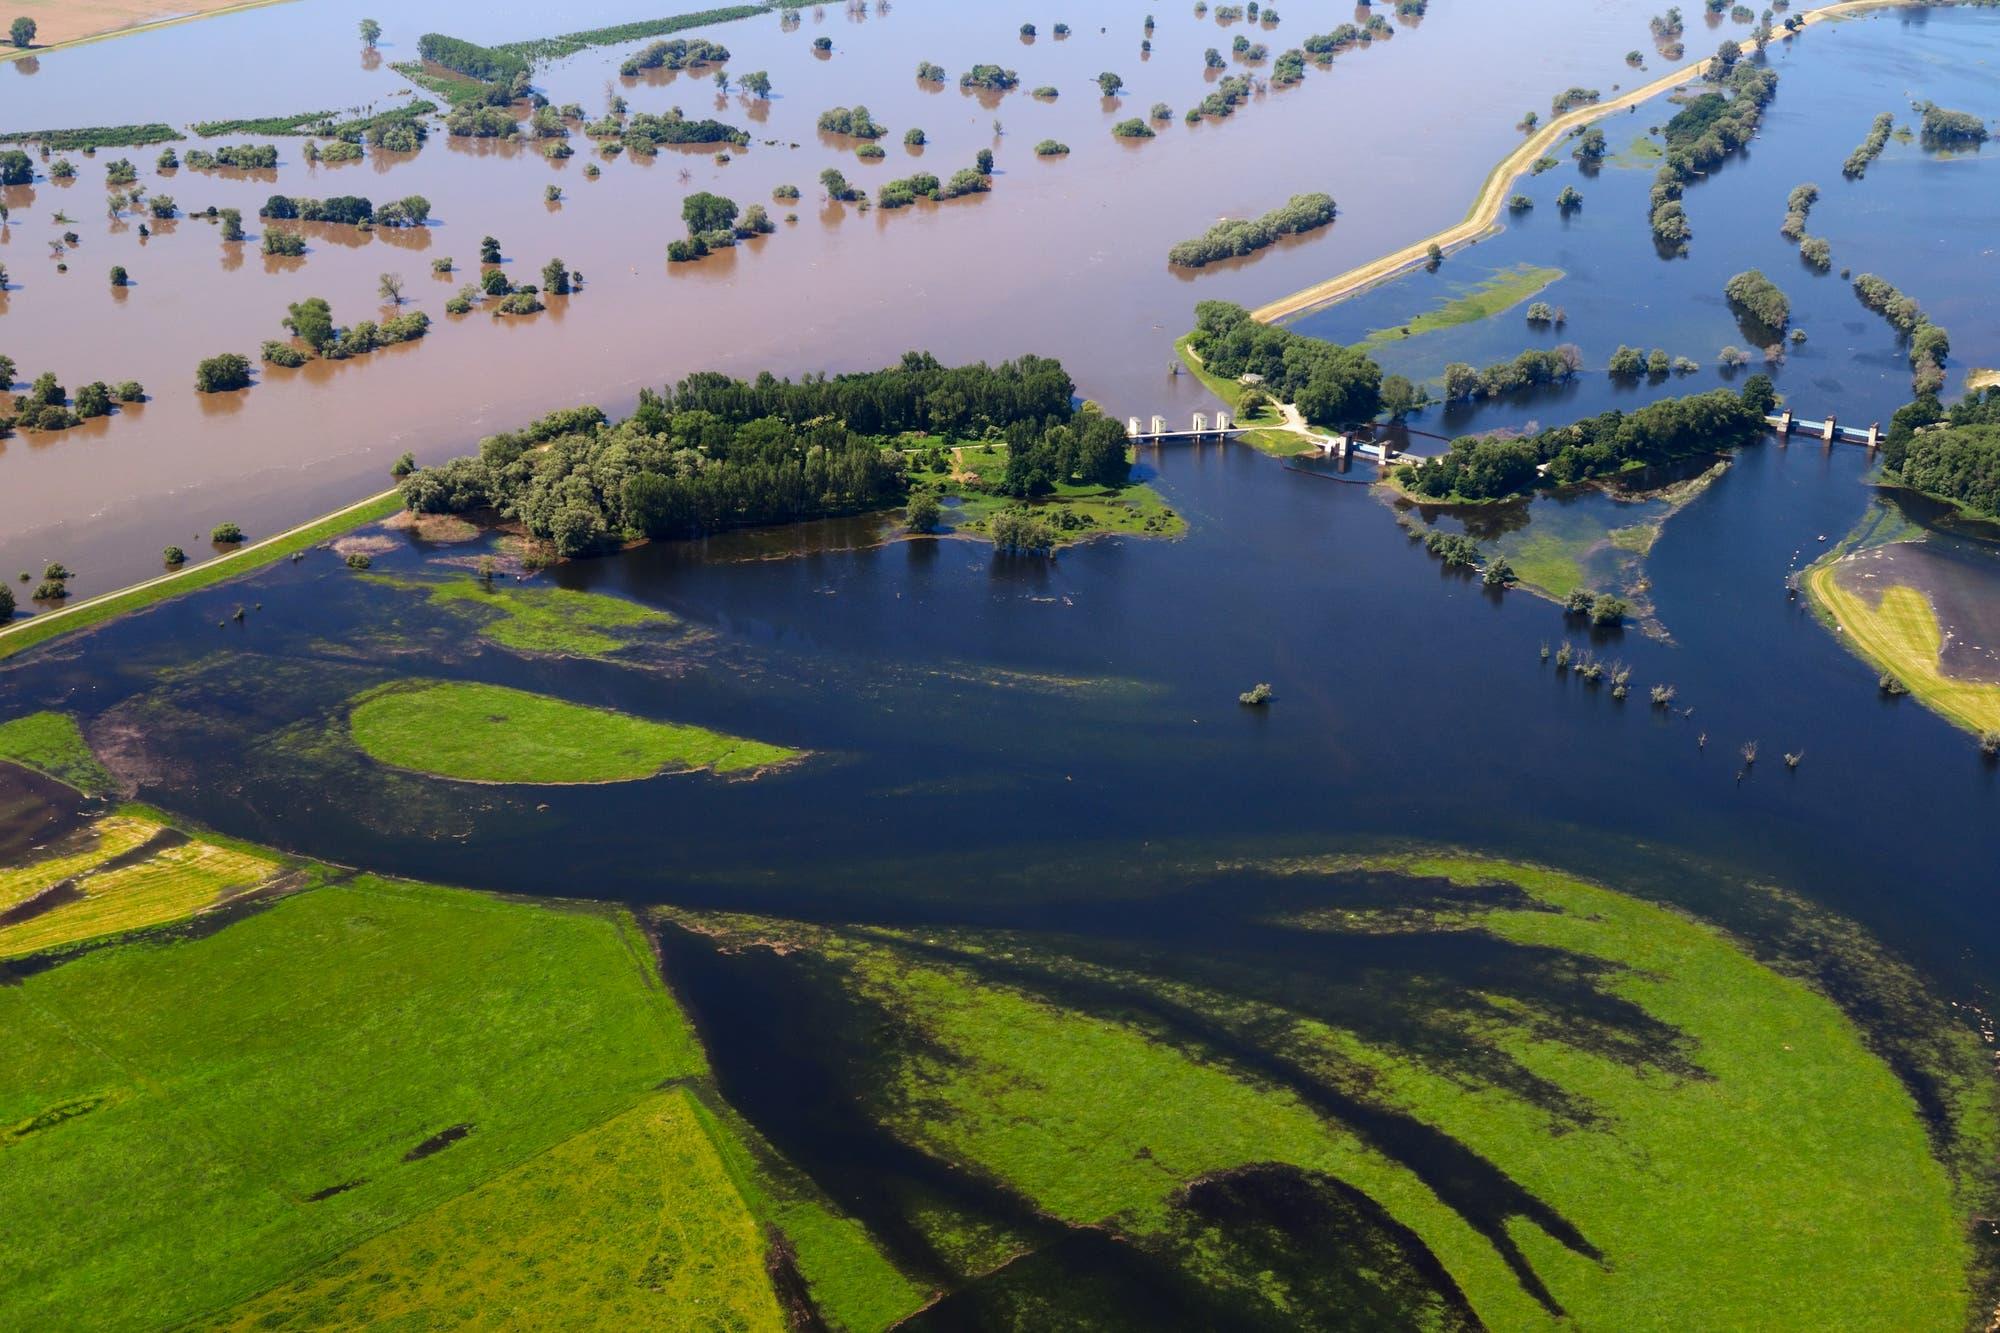 Hochwasserschutz durch die Havel